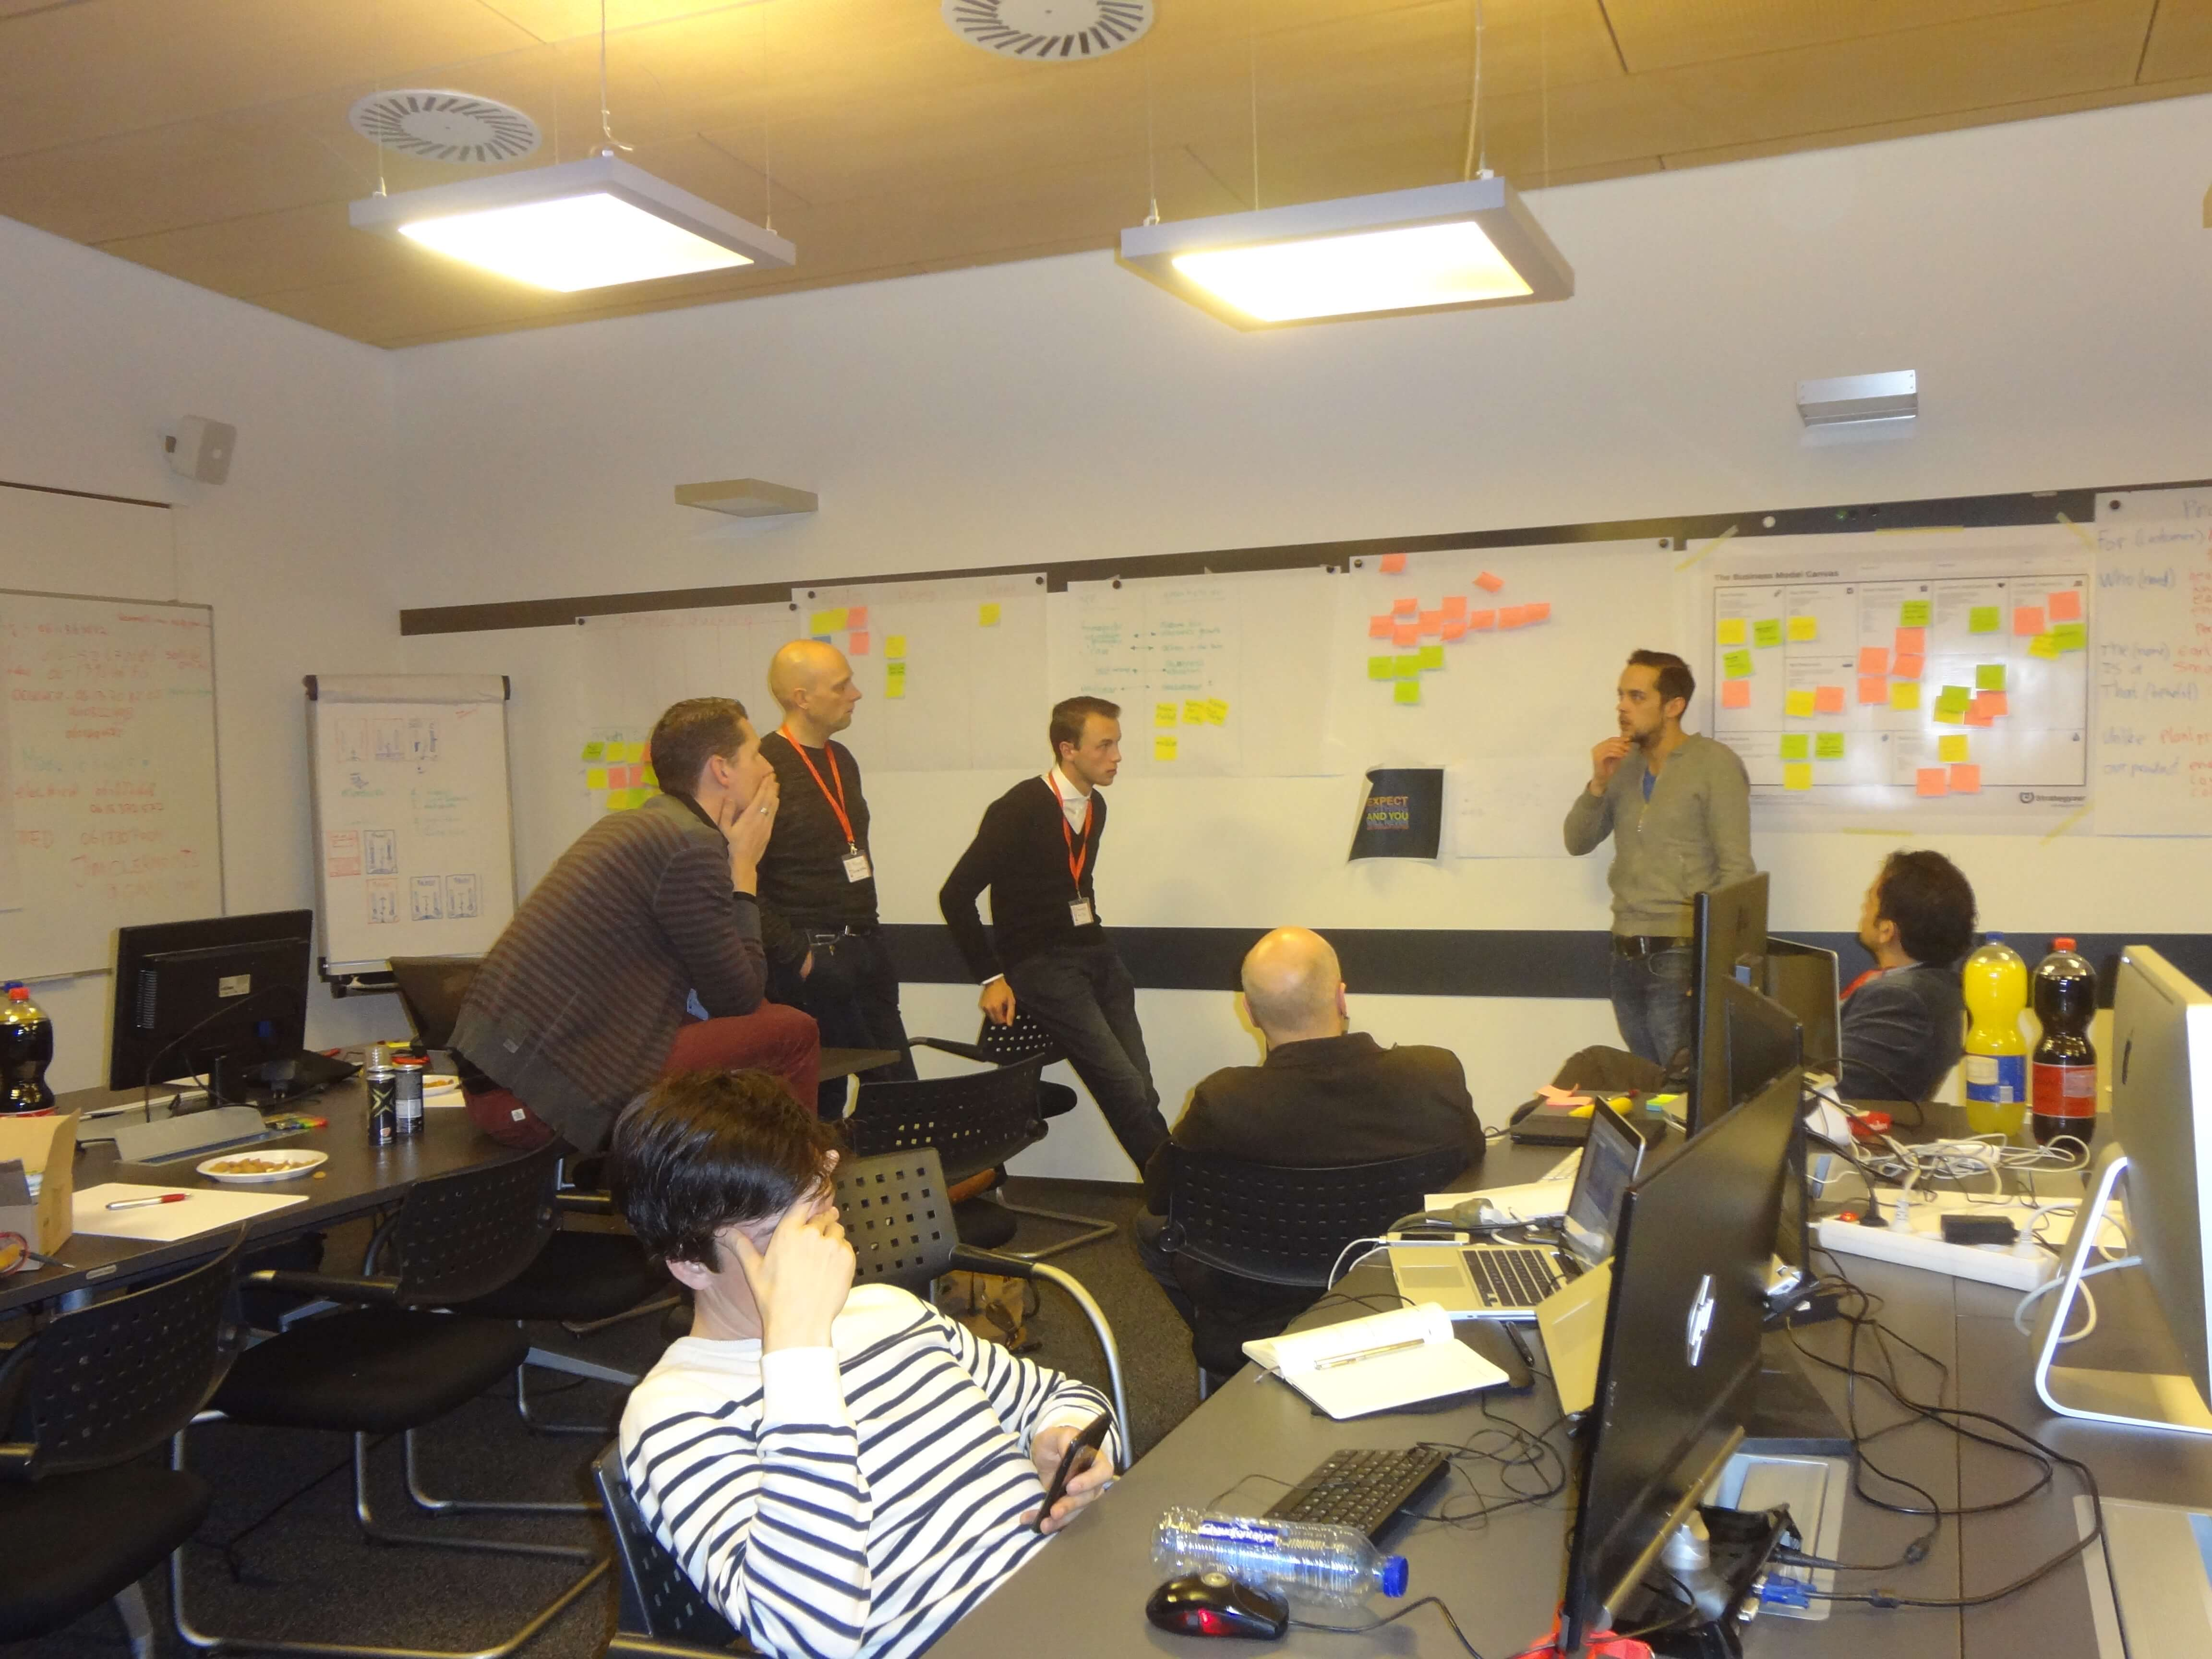 7 mensen die overleggen voor een whiteboard.